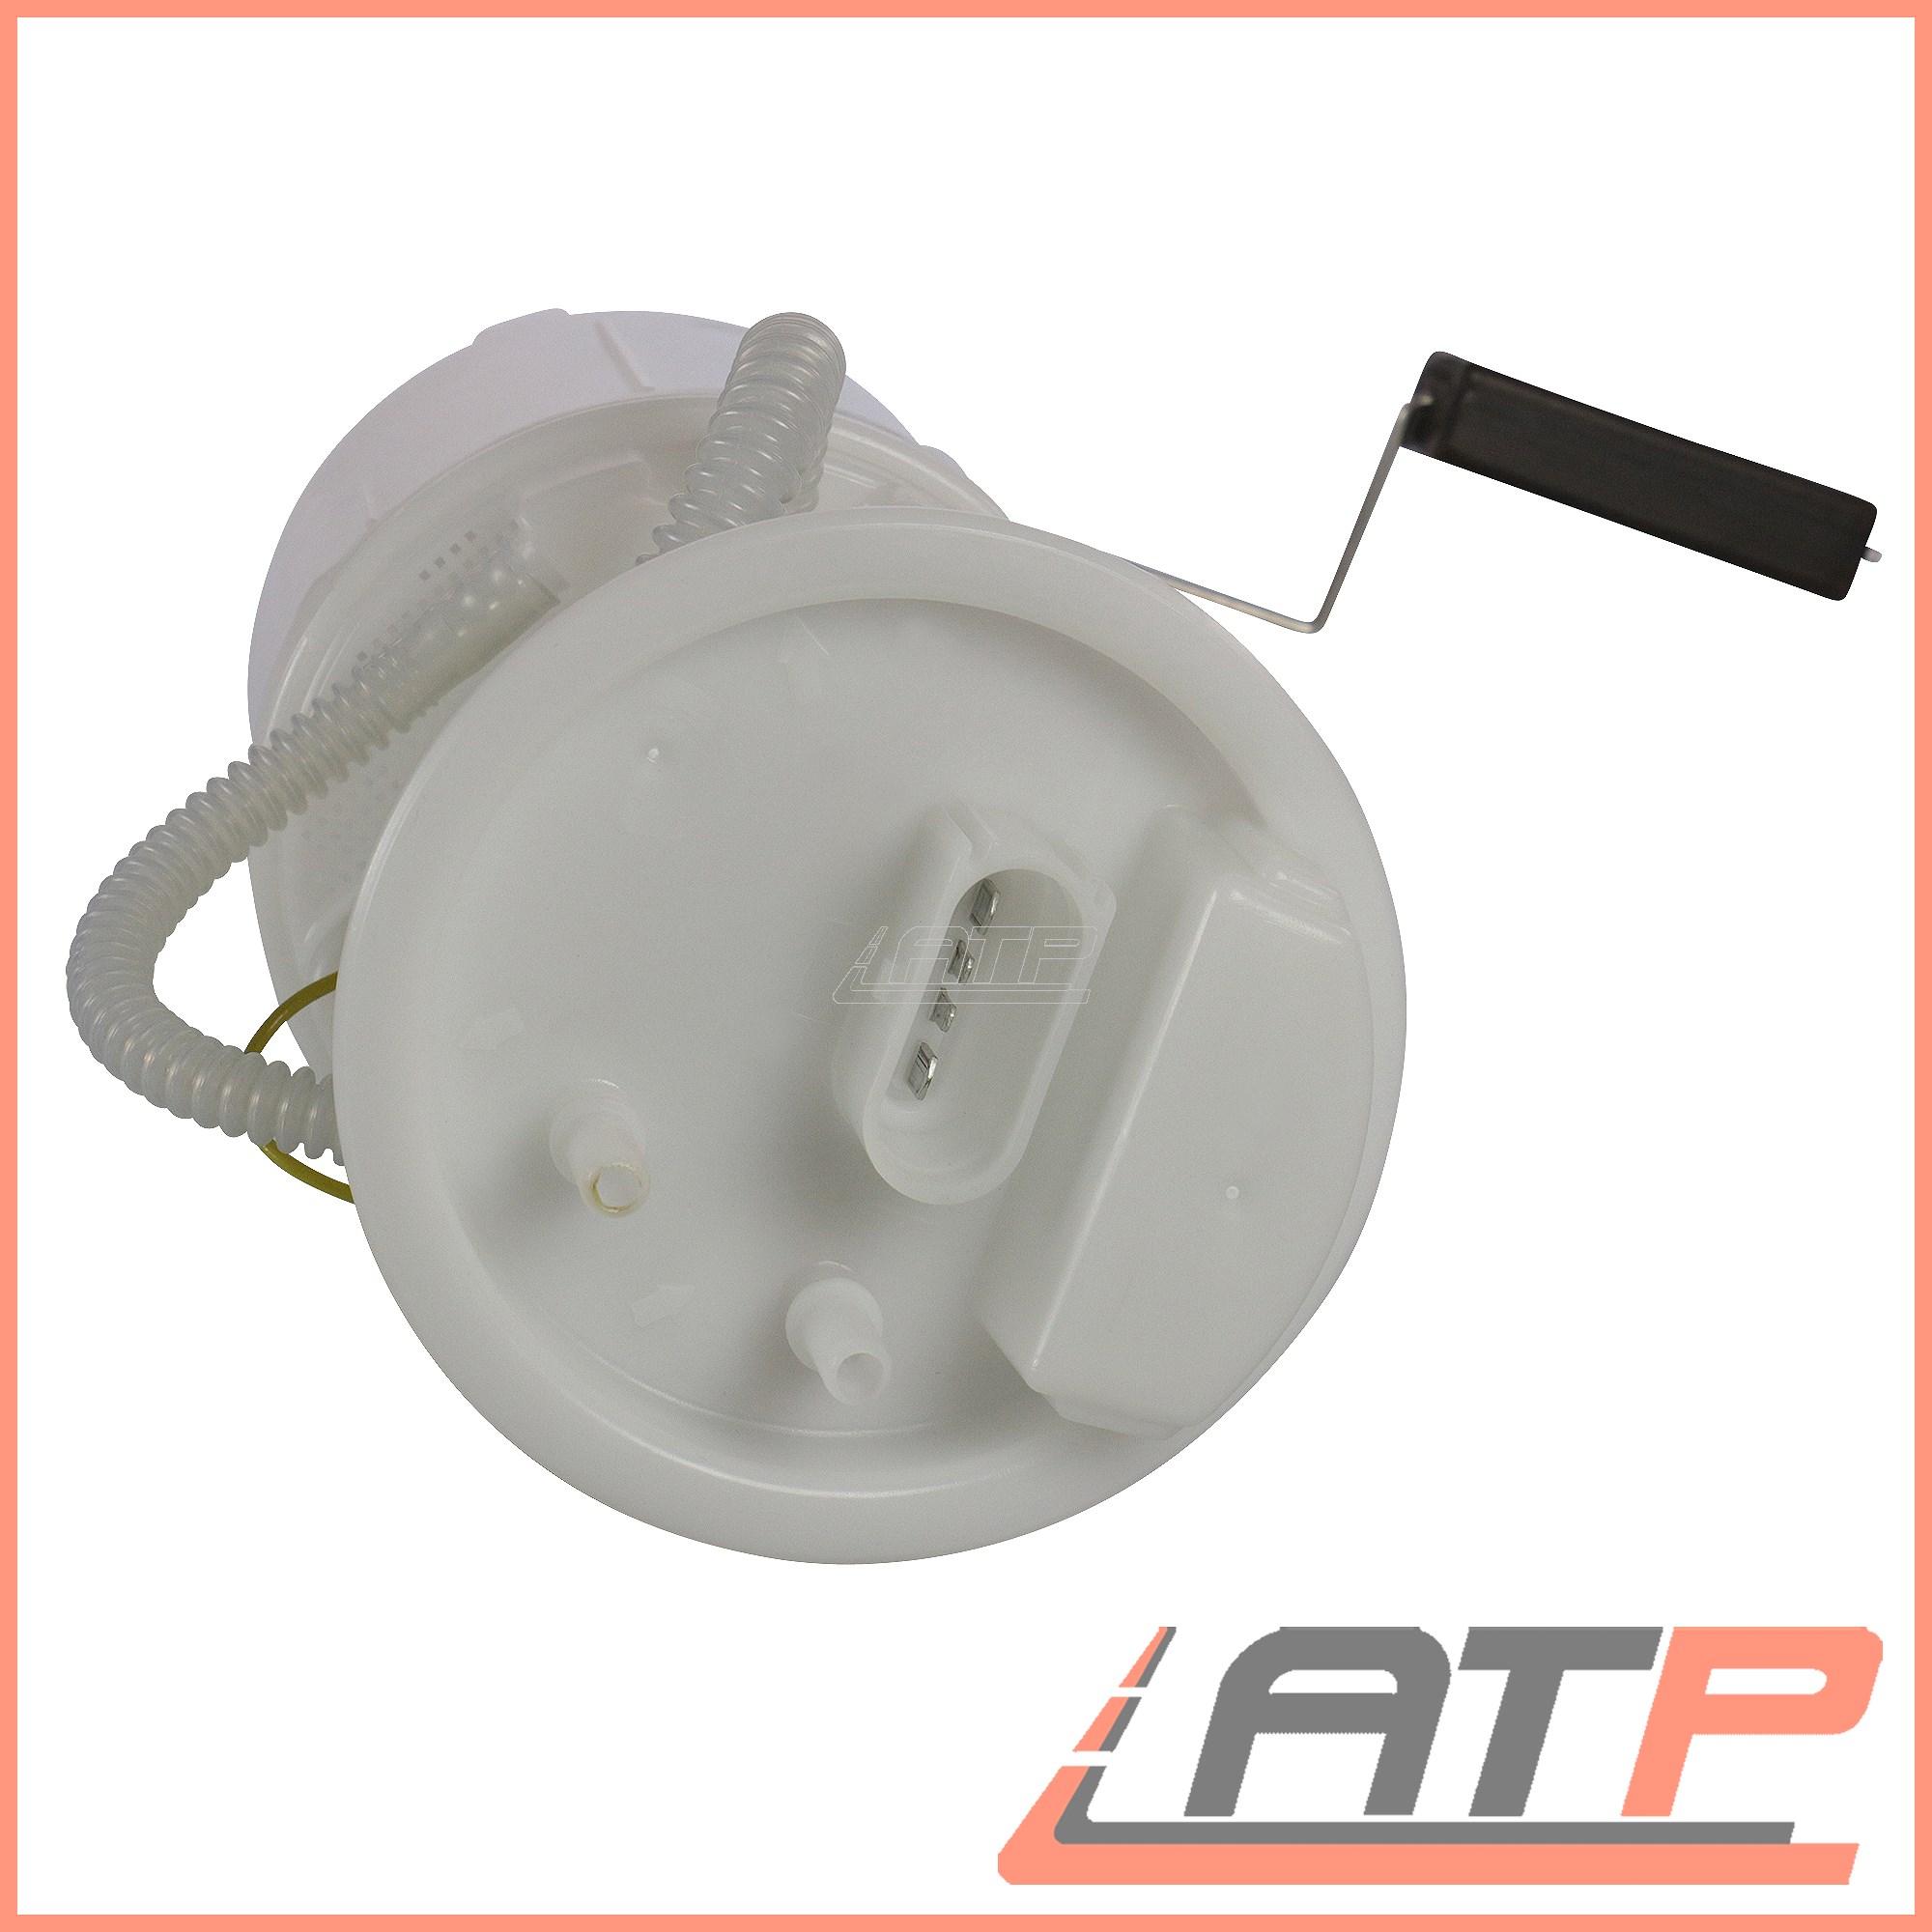 AUDI A3 1.6 1.8 1.8 T TT 1.8 T ELECTRIC FUEL PUMP ENT100031